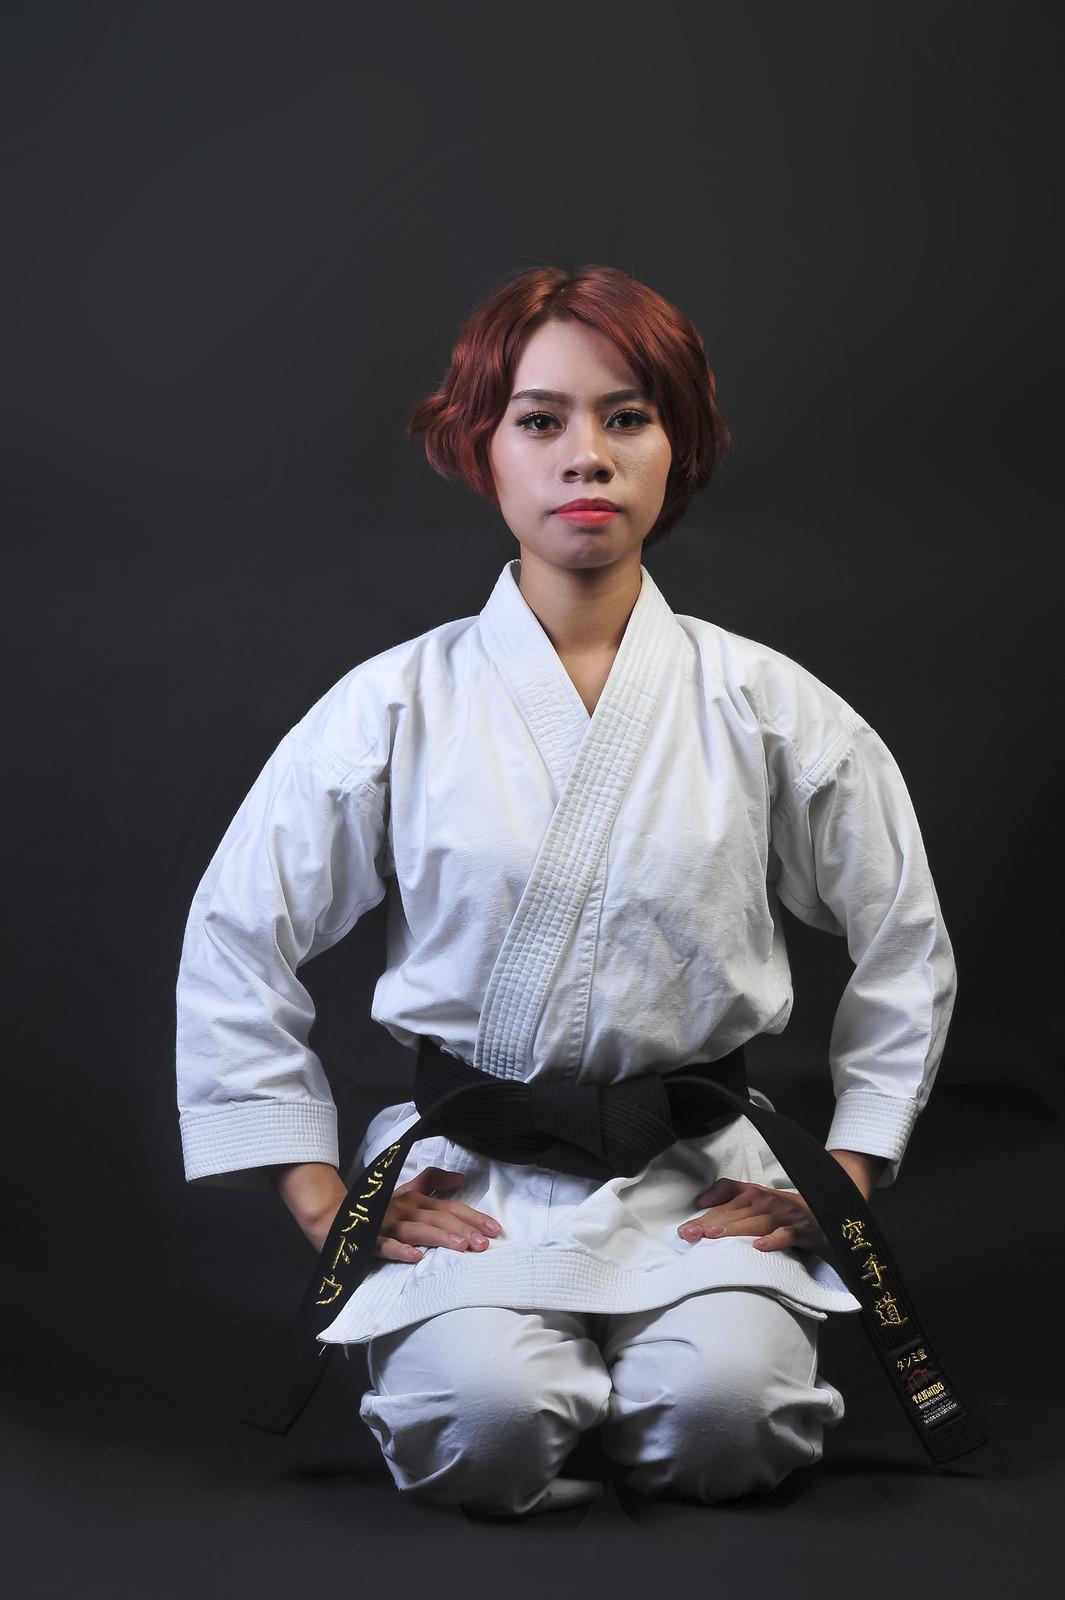 42931012562 ad30430bad h - Bộ ảnh võ thuật Karate Girl phiên bản Việt